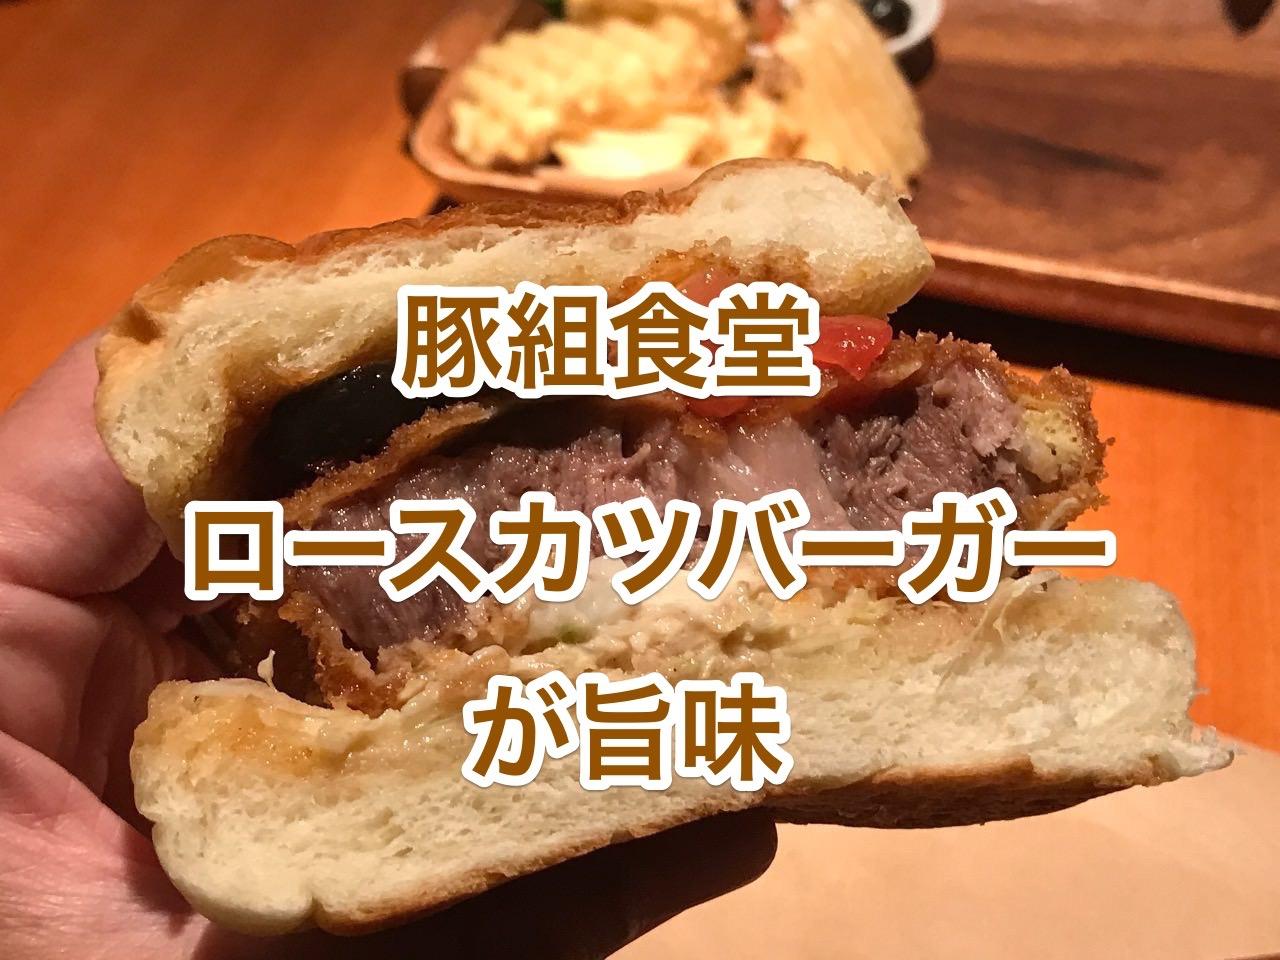 「豚組食堂」ロースカツを使った猪豚バーガーが旨すぎる!【六本木】 #六本木グルメバーガー2018